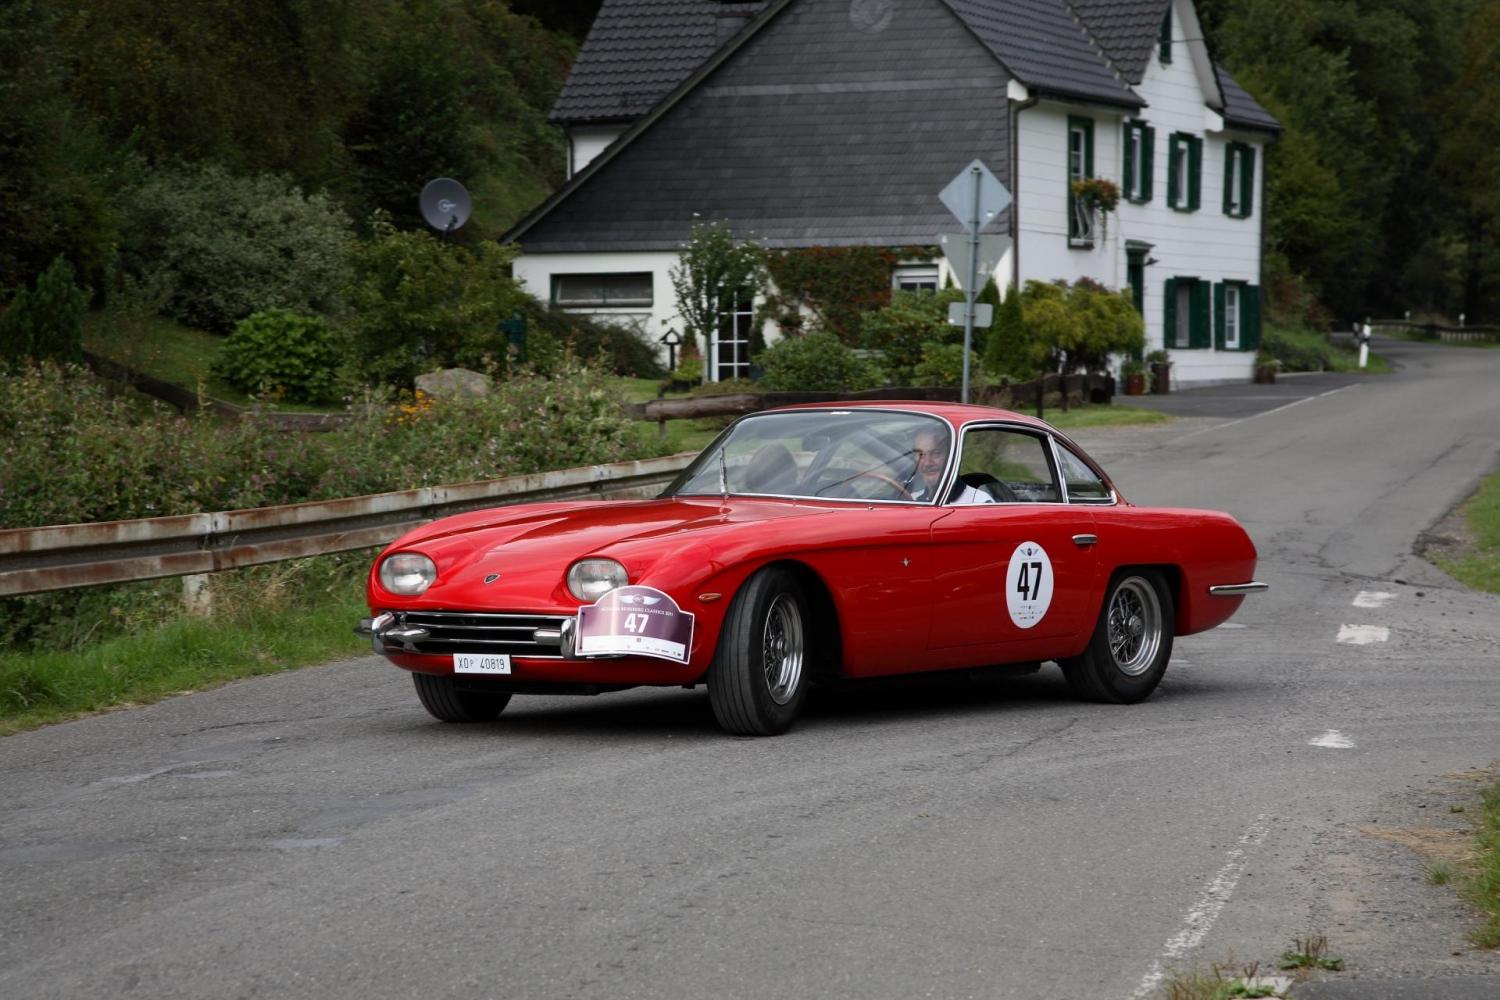 https://www.drivespark.com/wallimg/photos/1964-lamborghini-350-gt/64ish-lamborghini-350gt_coupe-00001.jpg